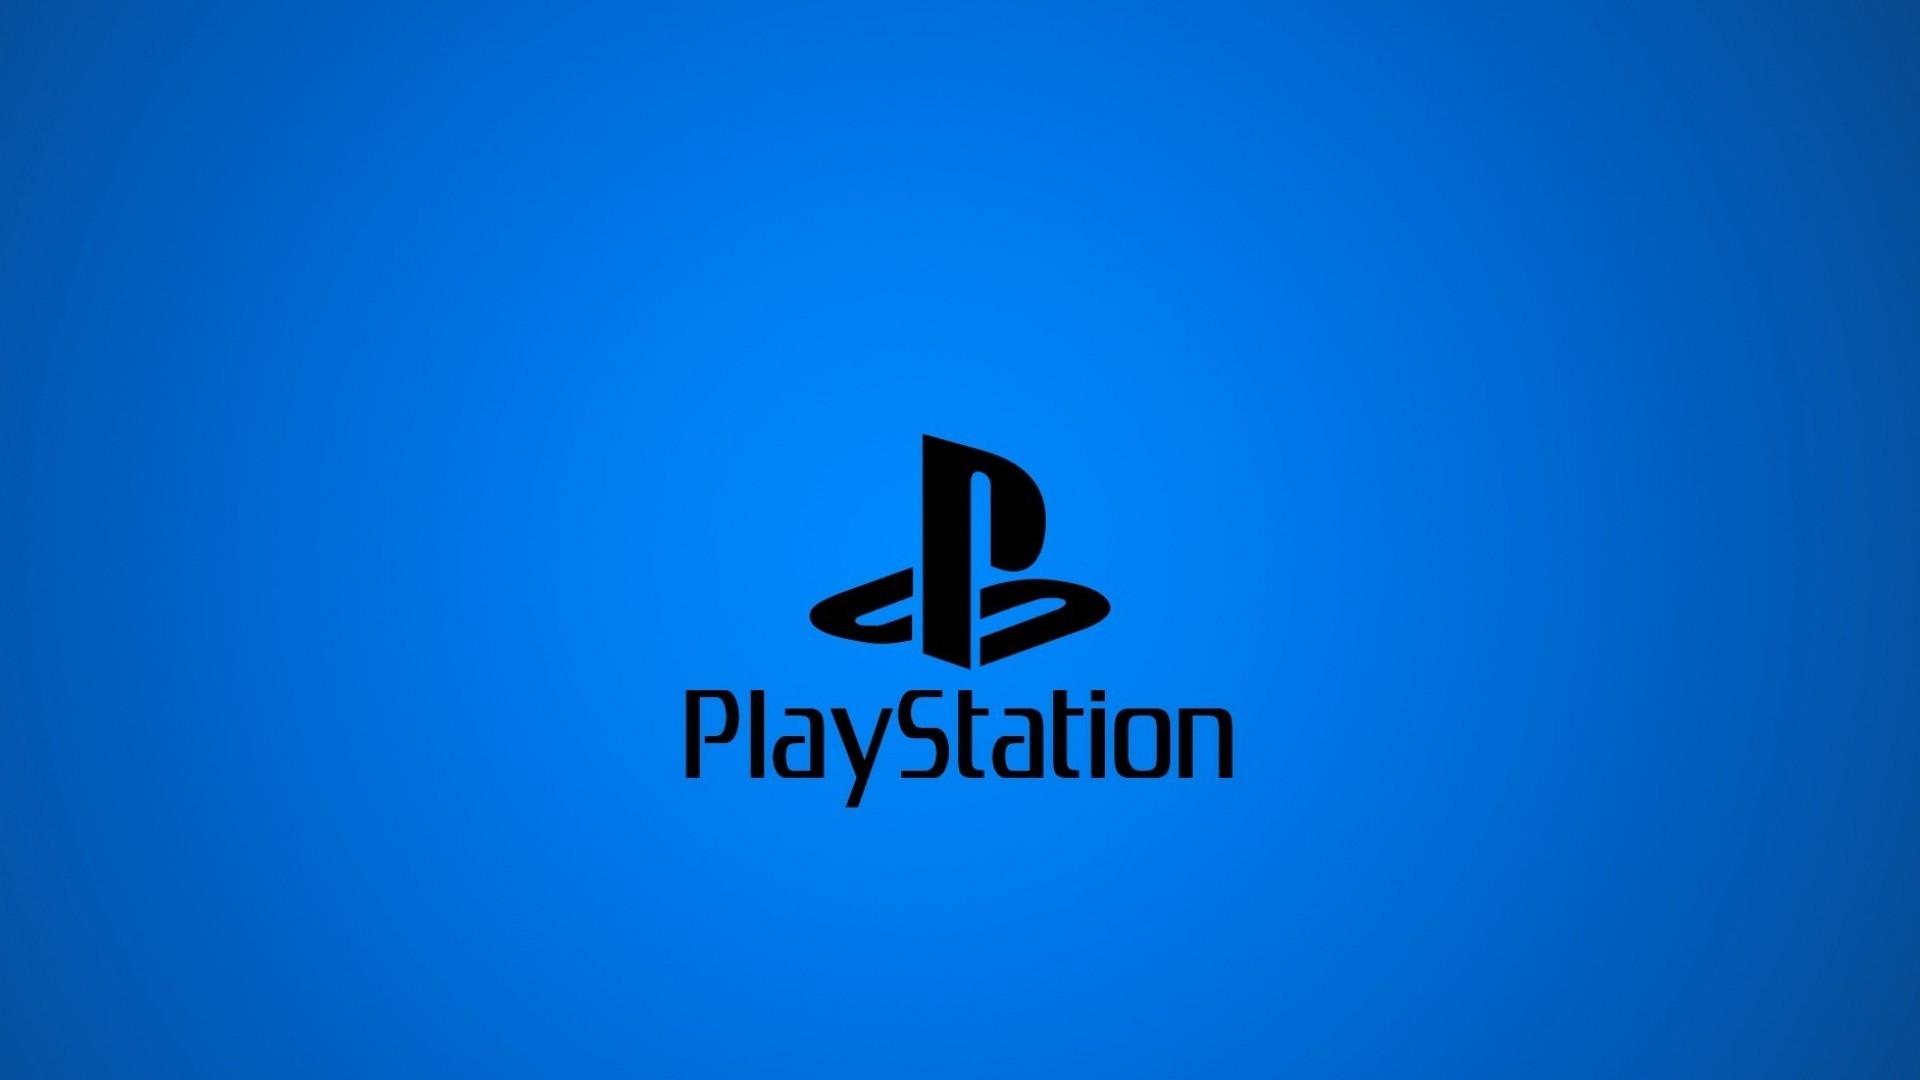 Sony odlučio preskočiti E3 i ove godine